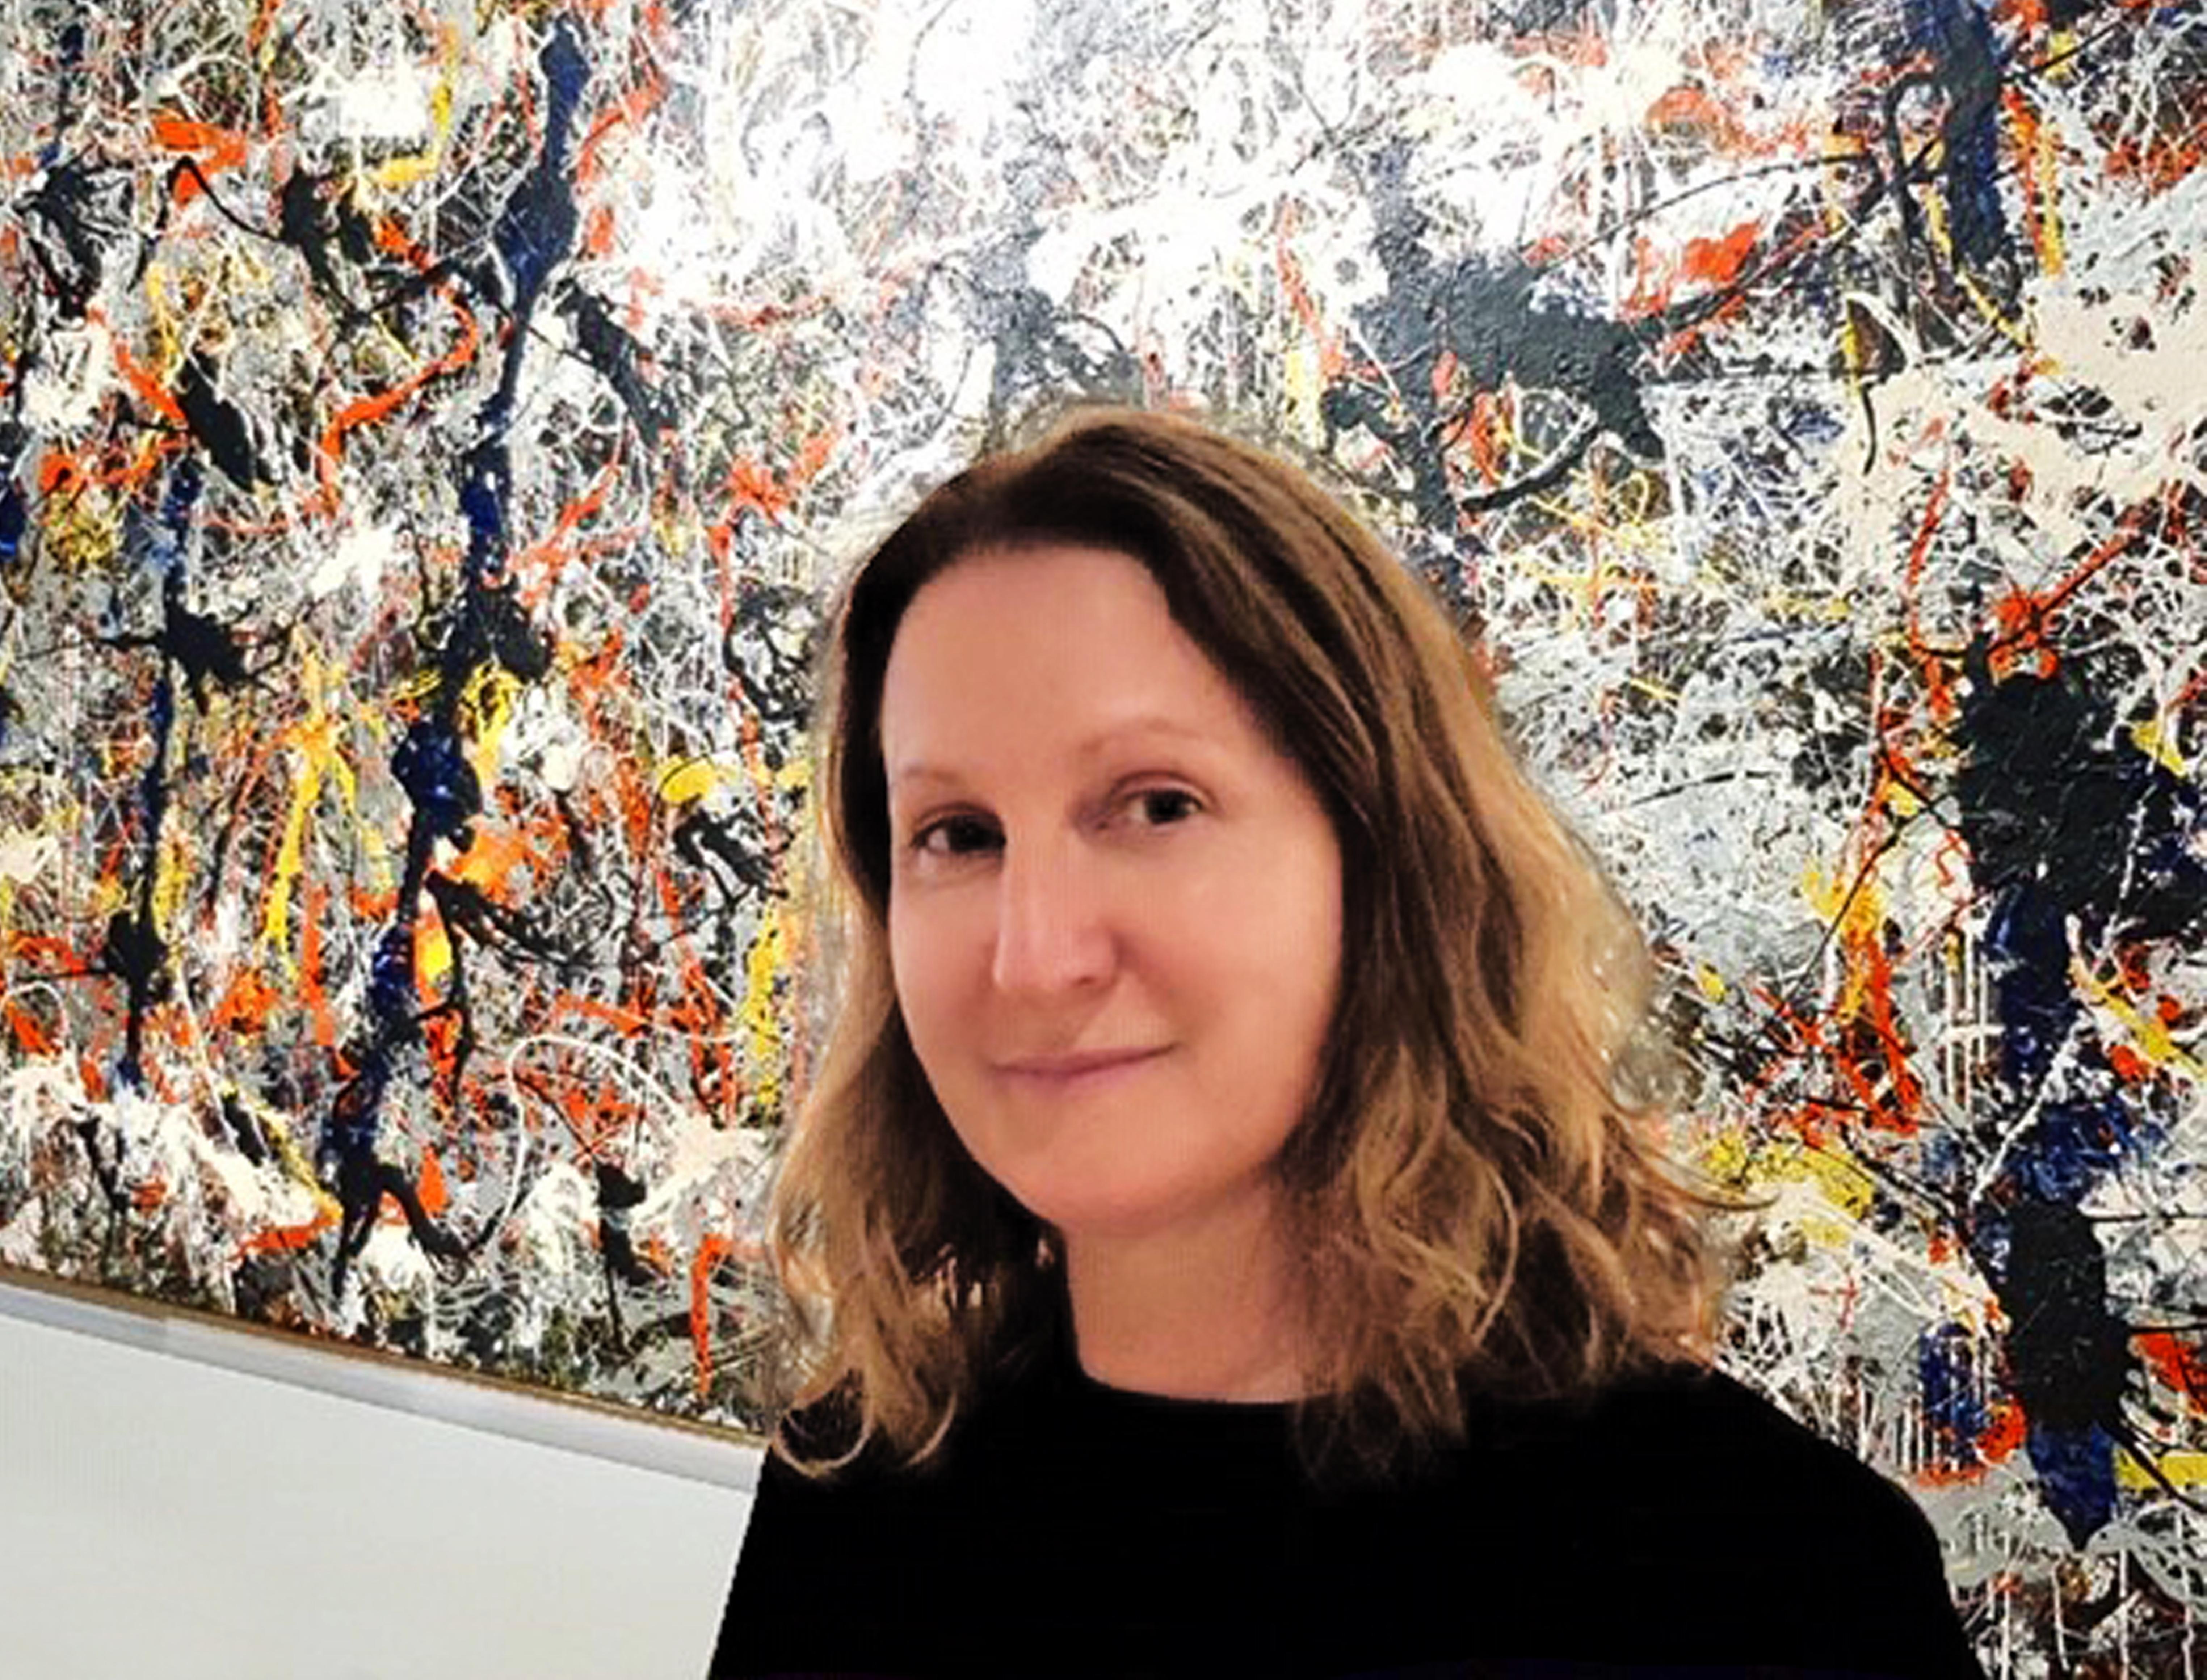 Angela O'Keeffe